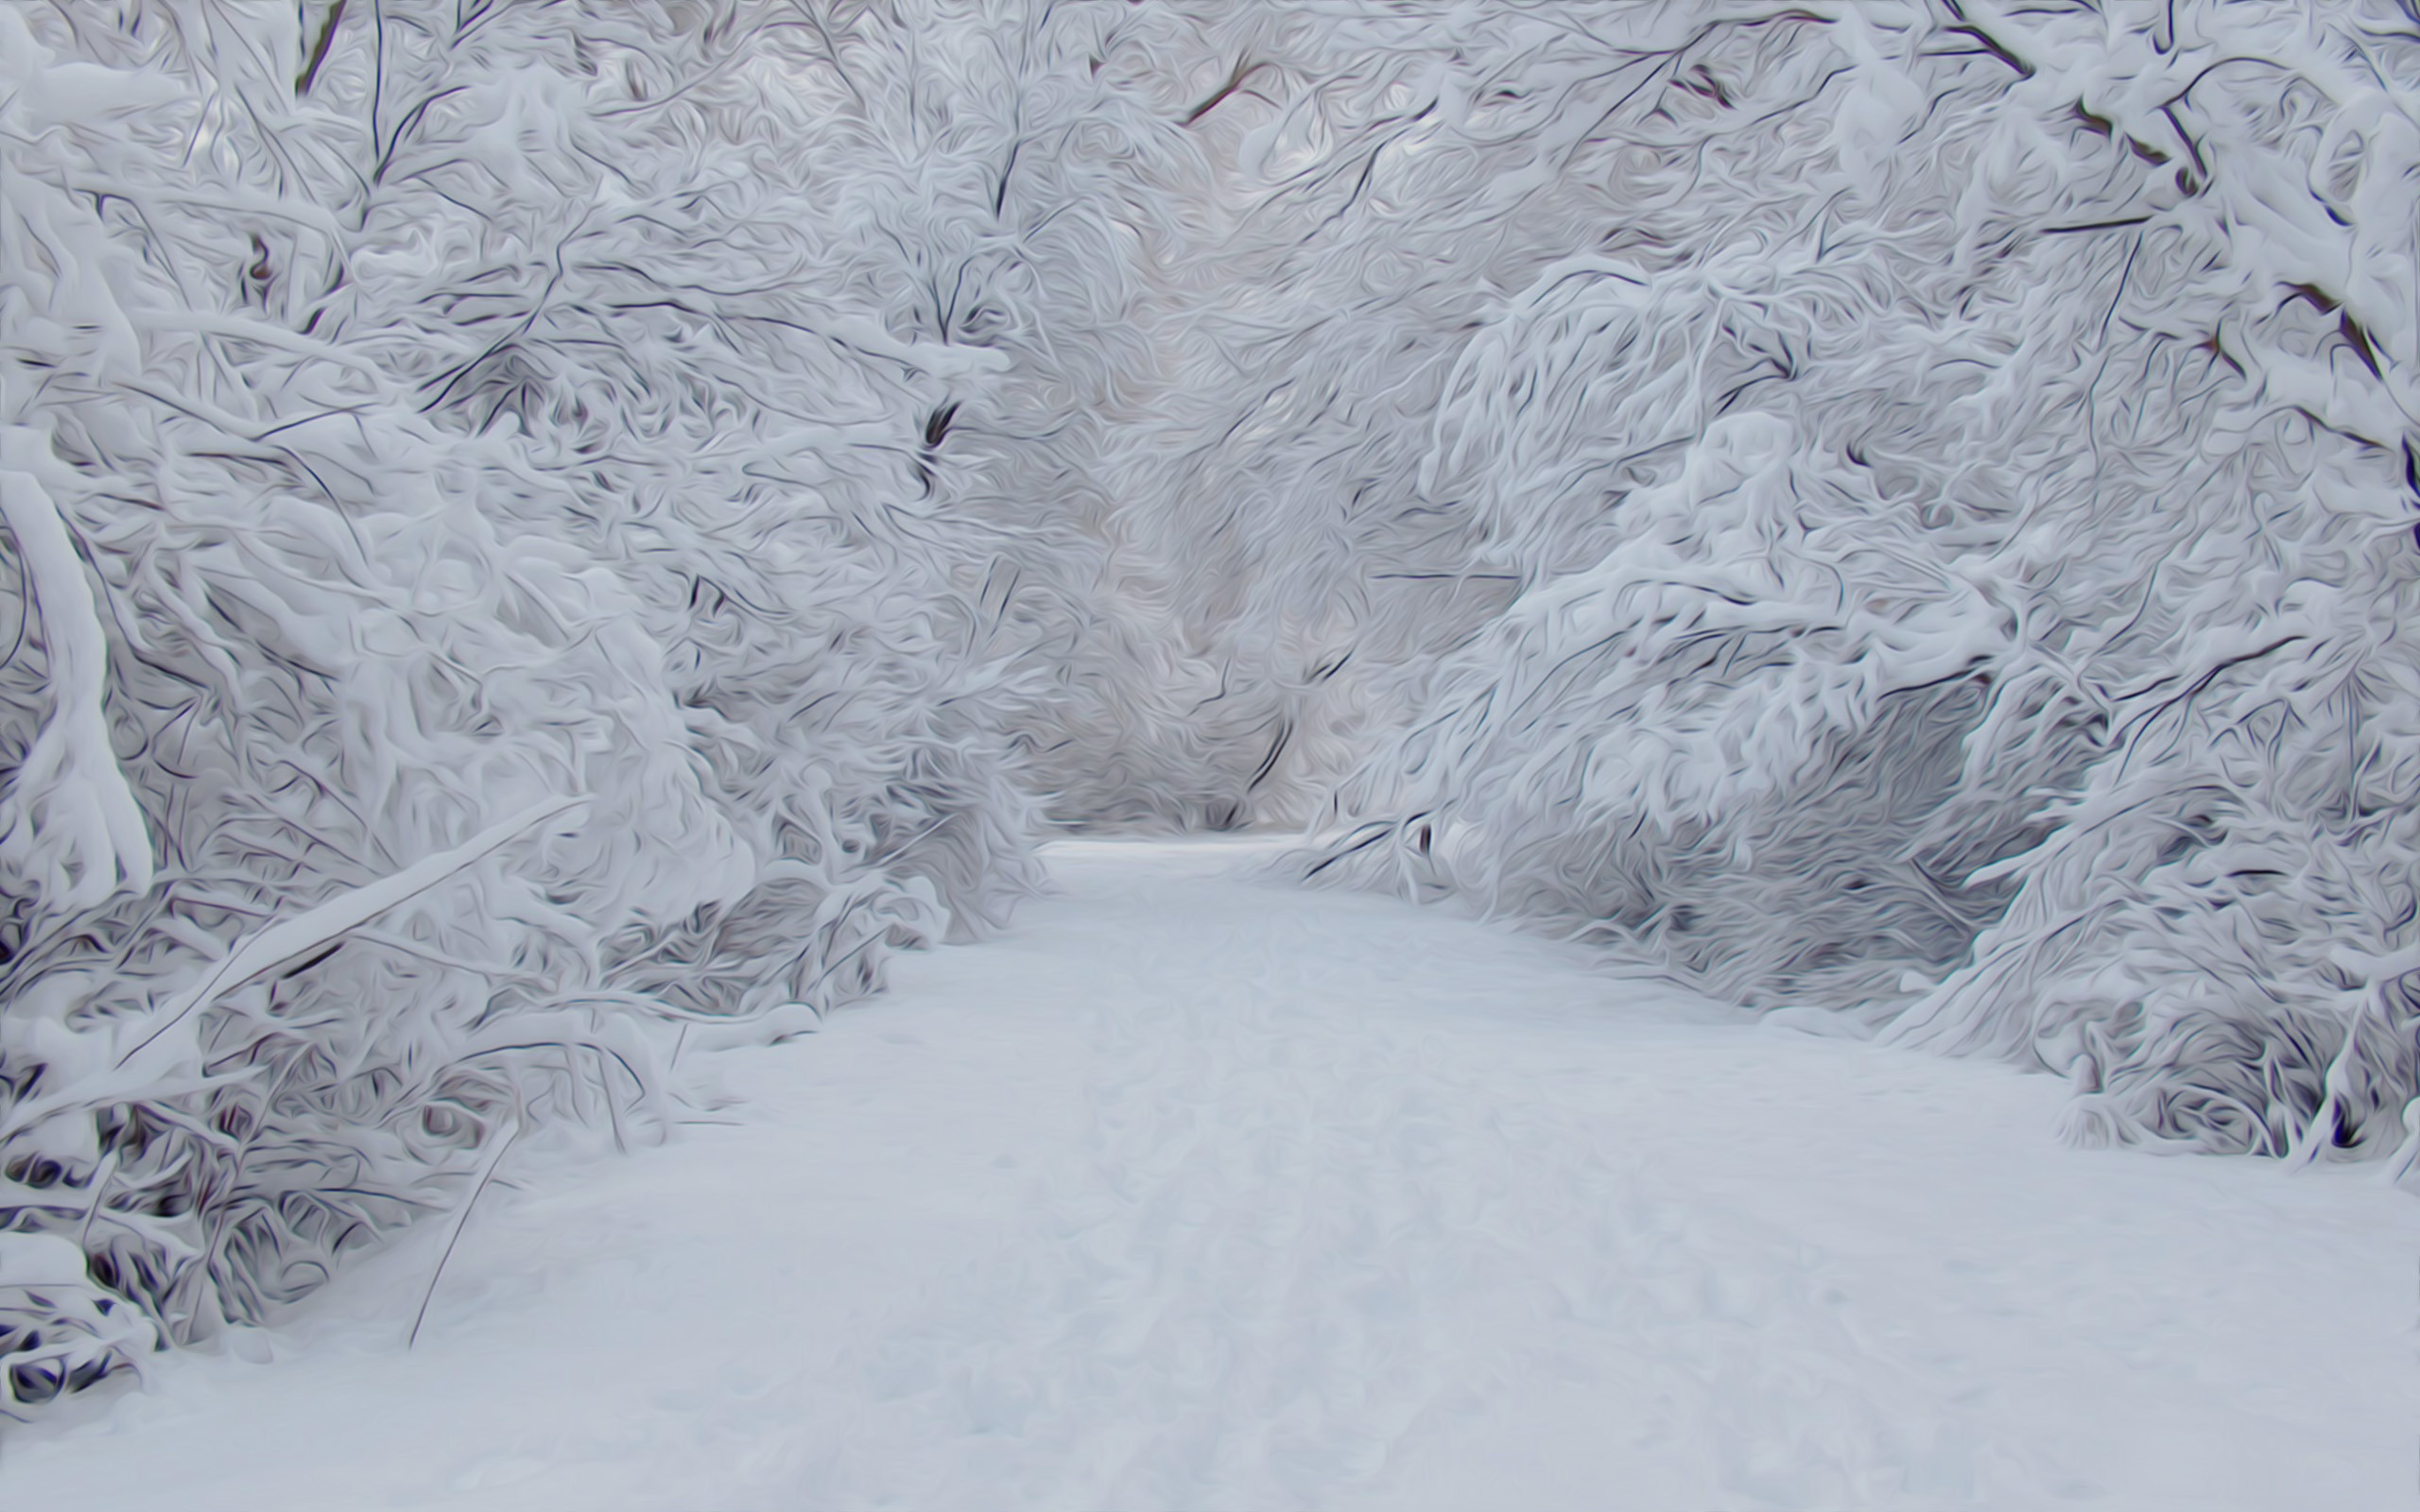 Winter Scenes Desktop Backgrounds | Wallpapers9